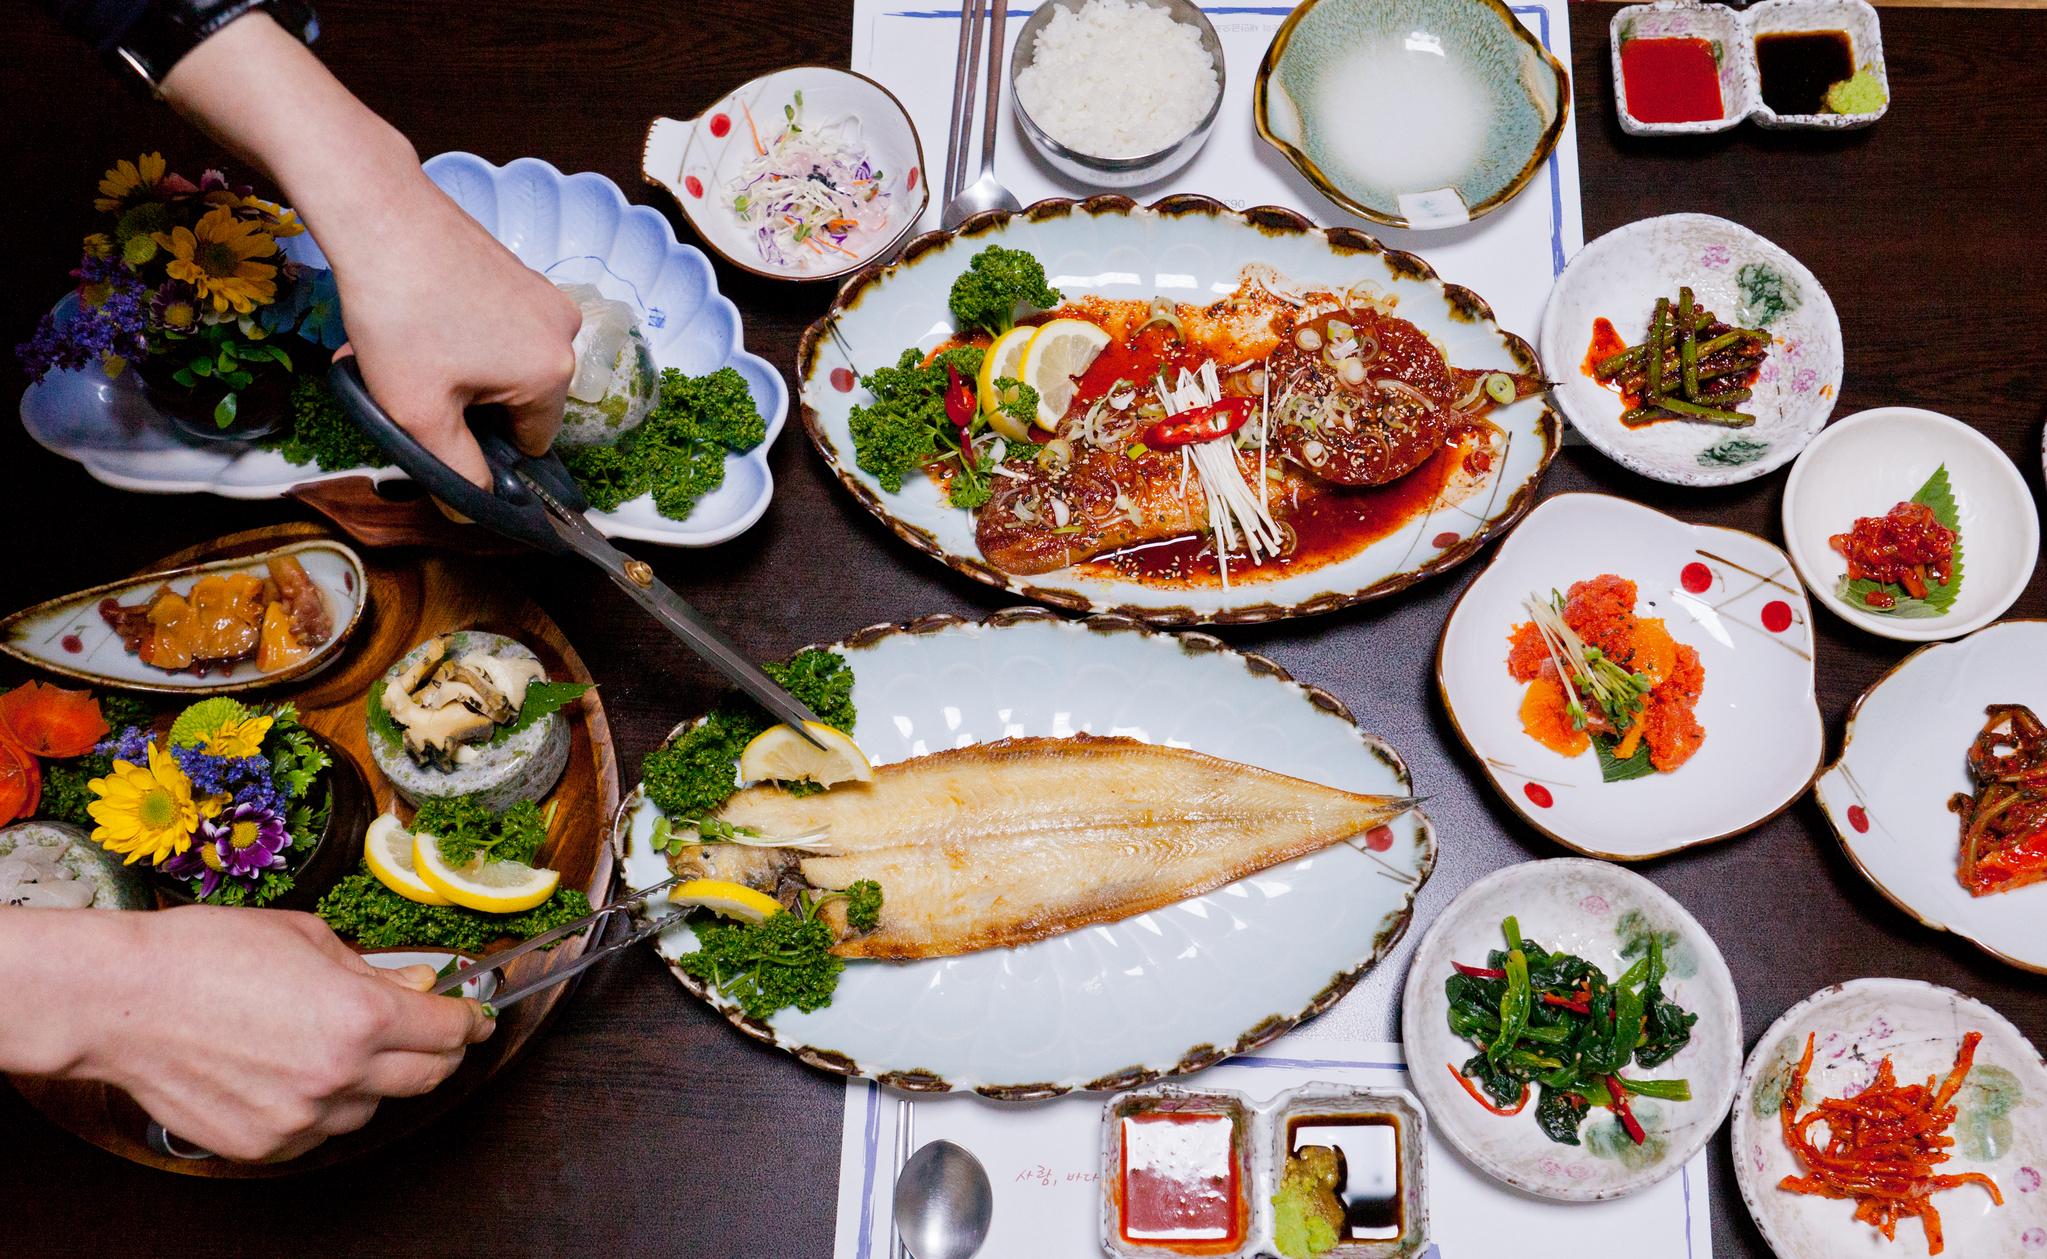 전북 군산을 여행하는 사람은 짬뽕과 단팥빵을 꼭 사 먹는다. 하나 진짜 군산의 맛을 느끼고 싶다면 군산 바다가 키운 생선도 먹어봐야 한다. 박대와 반지가 대표적이다. 사진은 새만금방조제 어귀 식당에서 먹은 박대 정식. 최승표 기자